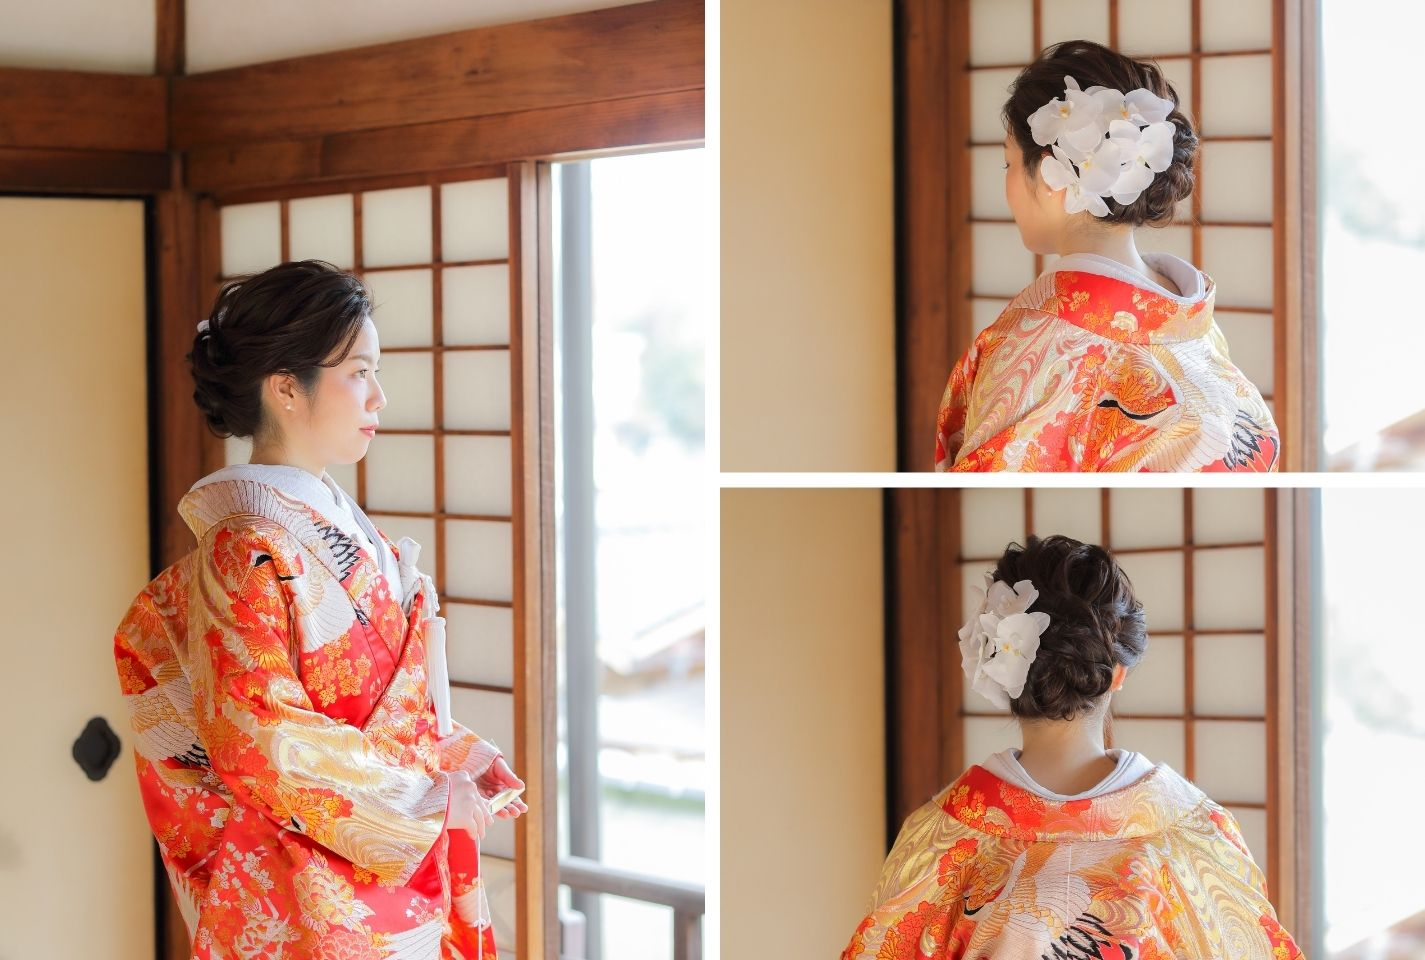 色打掛と胡蝶蘭の花嫁様のヘアメイクイメージ